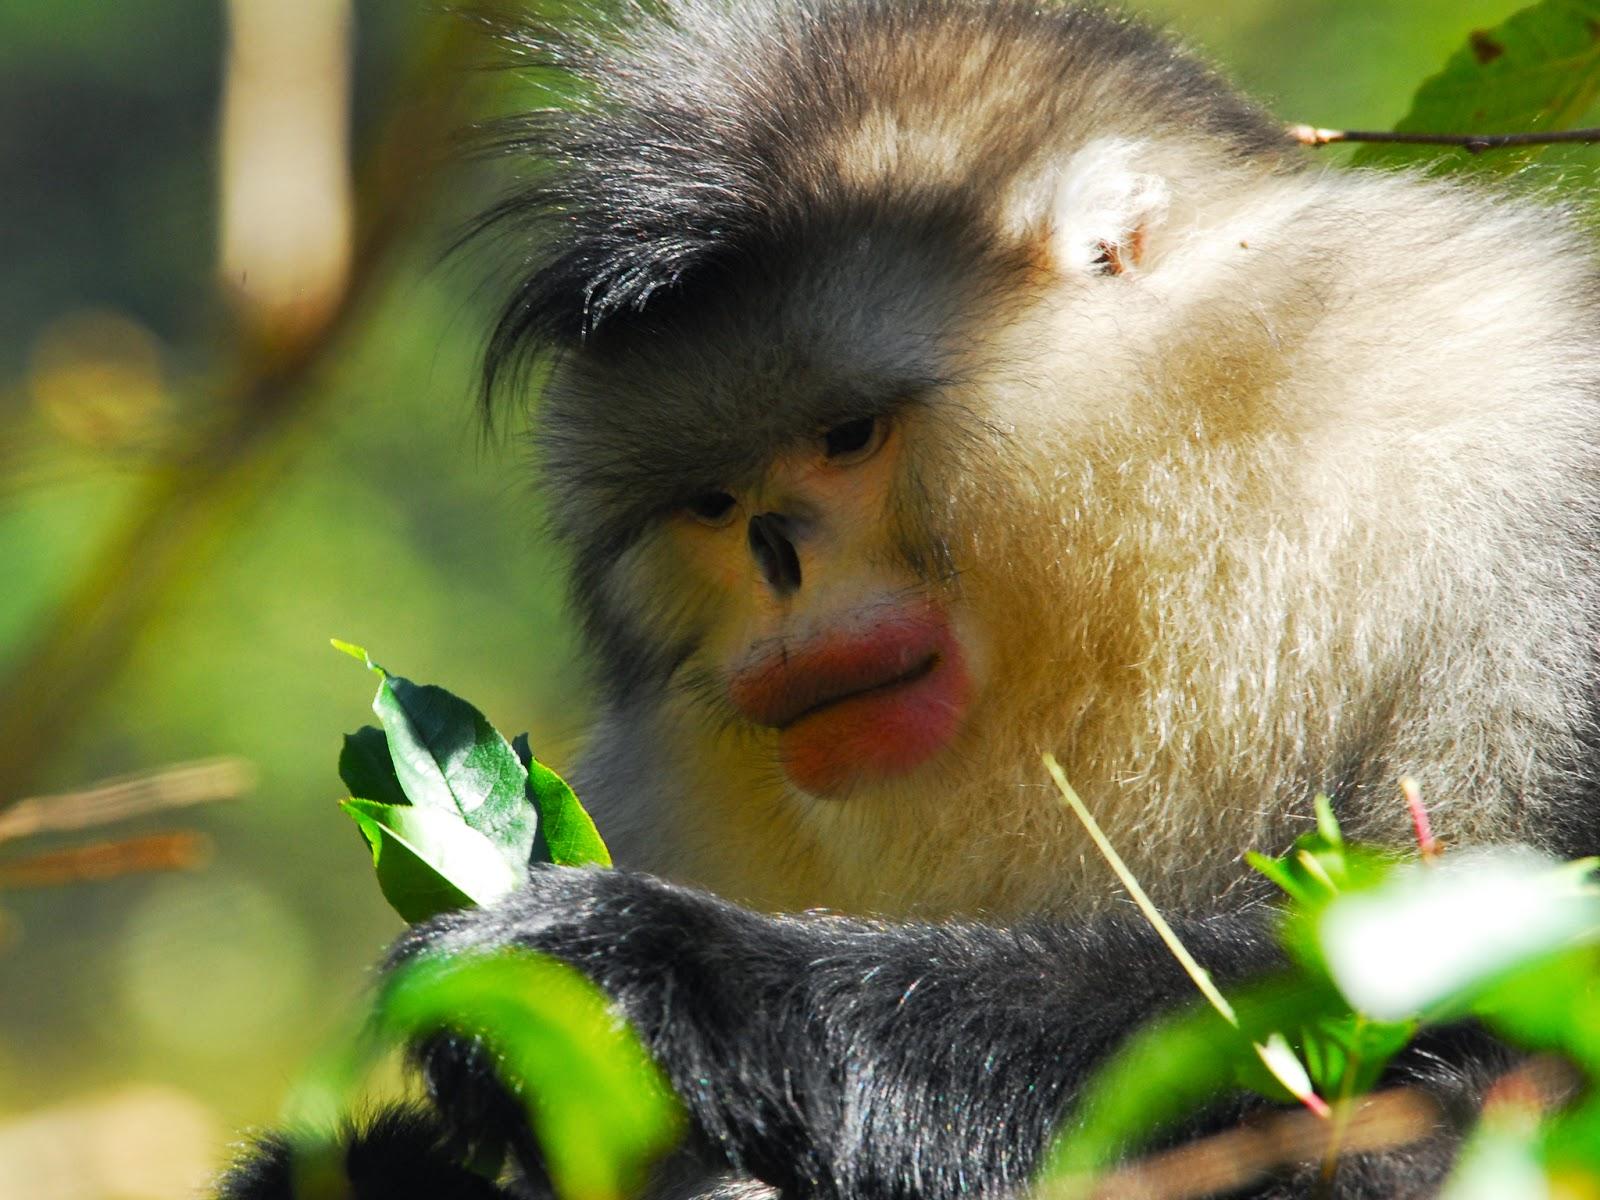 القرد ذو الانف الافطس